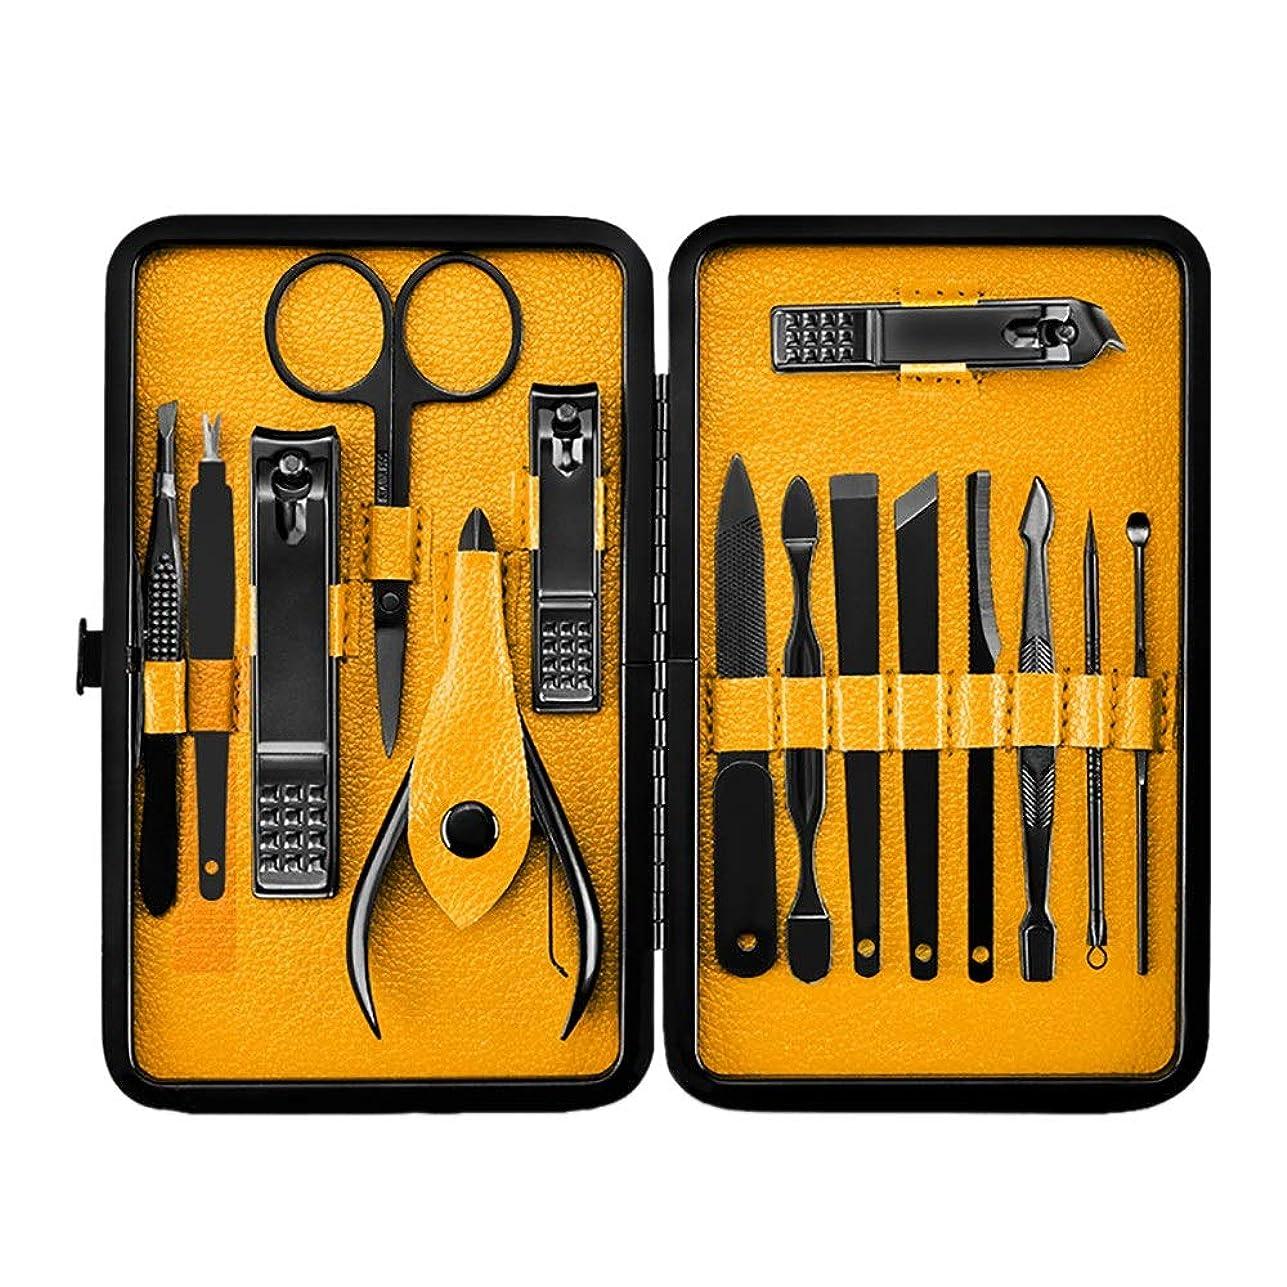 メッセージ疑い者ケーブルSODIAL 15ピース、プロフェッショナル、マニキュア、ステンレス鋼製ネイルのクリッパー、爪切り、はさみのセット、キット、マニキュアのセット、ネイルのツール、ネイルアートのツール